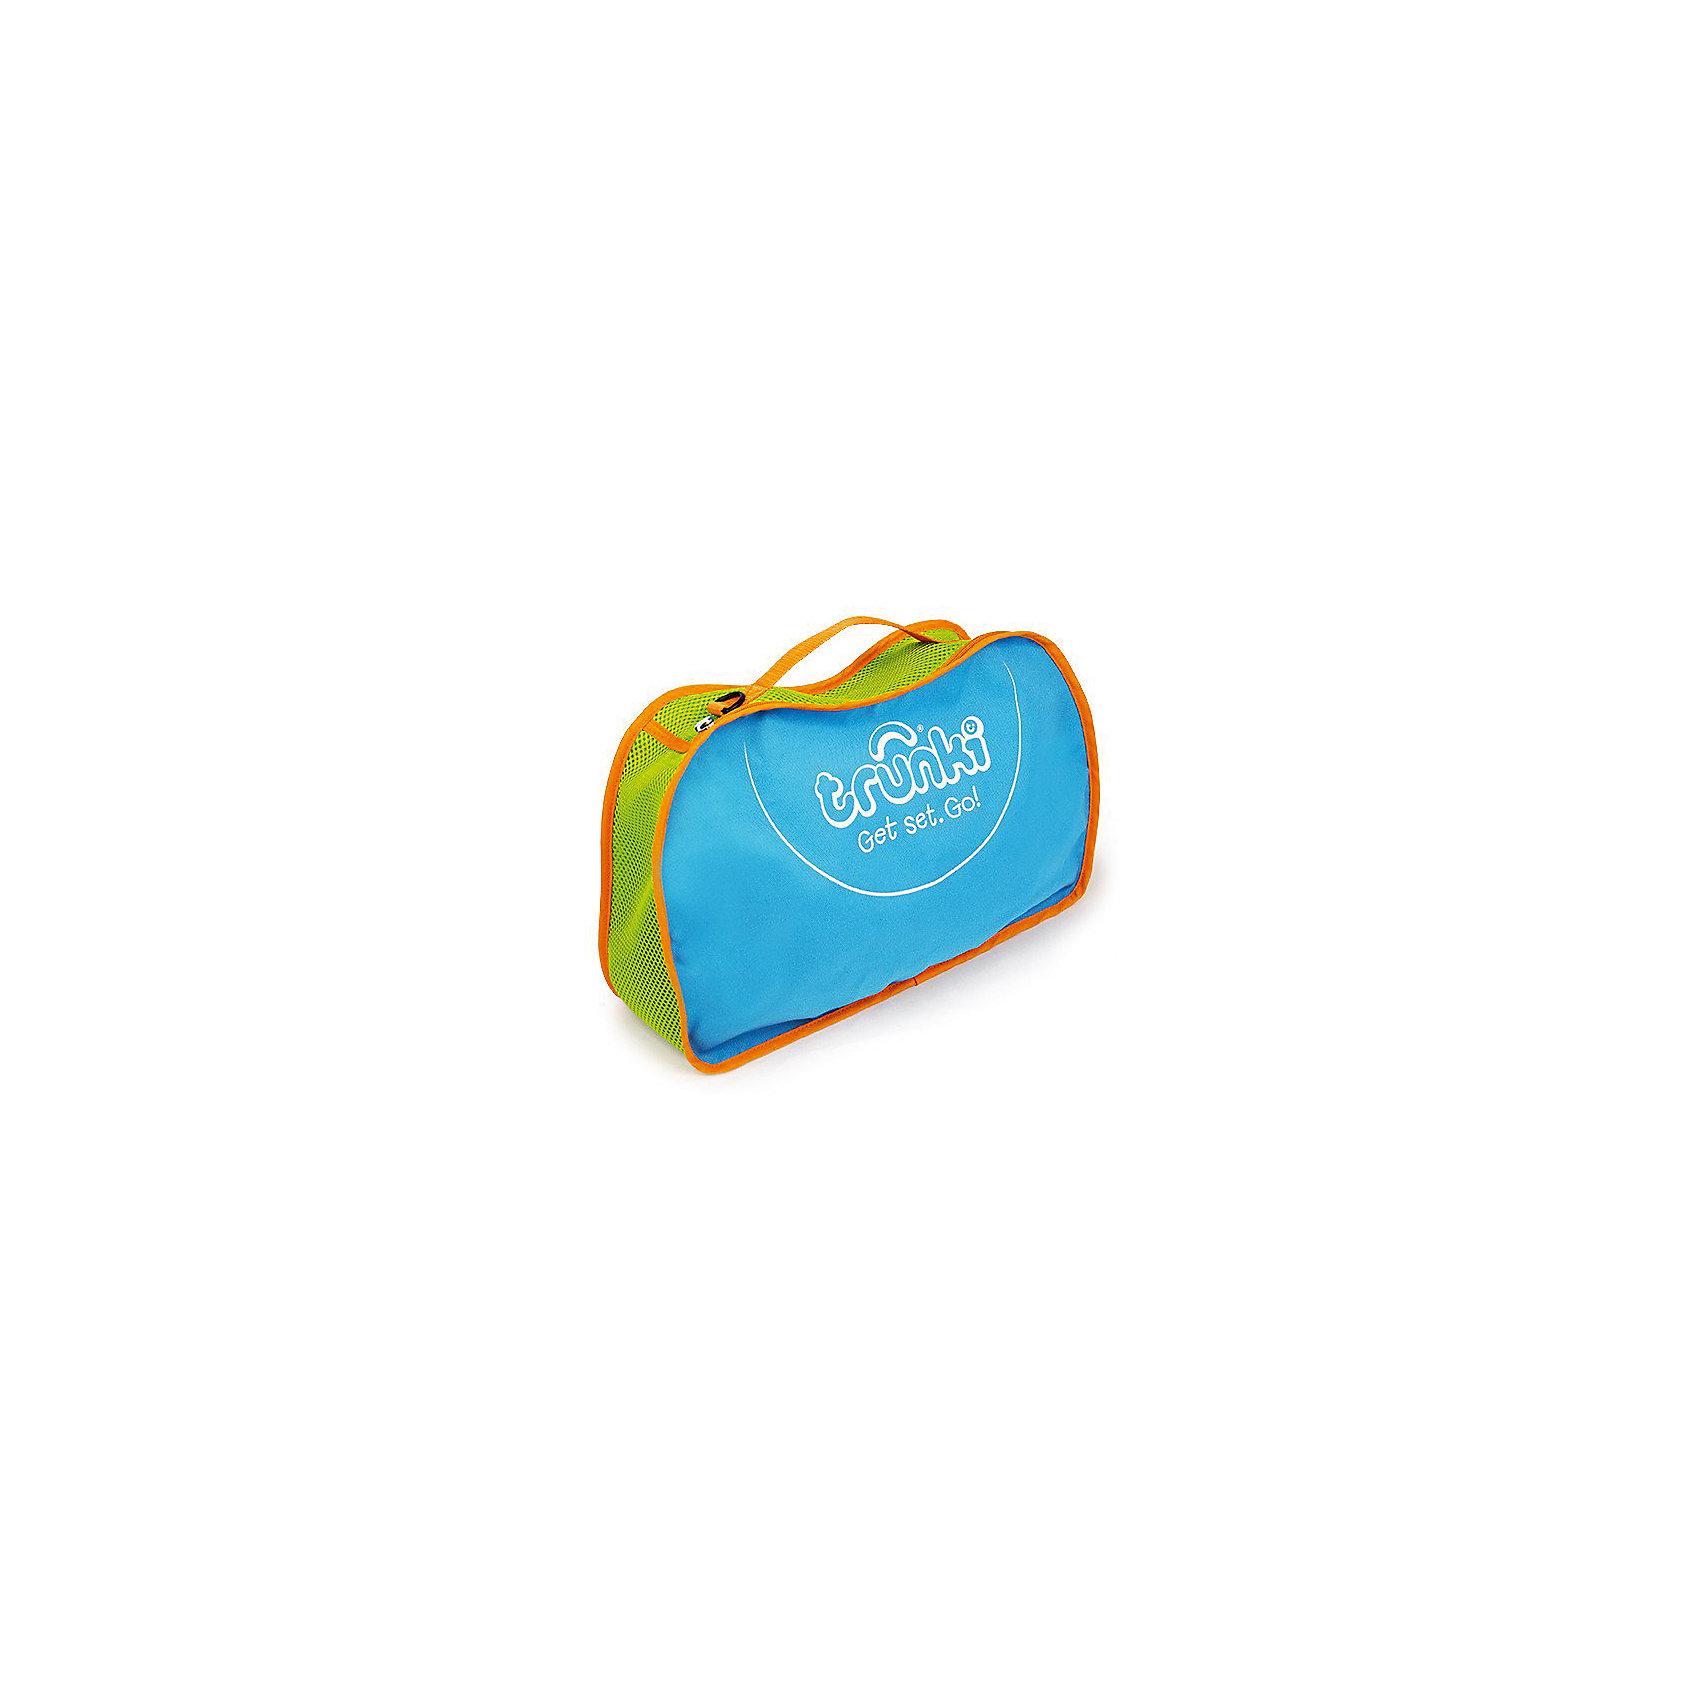 Сумка для хранения, голубаяДорожные сумки и чемоданы<br>Характеристики товара:<br><br>• материал: полиэстер;<br>• в комплекте: сумка, ремень;<br>• размер сумки 42х27х9 см;<br>• вес 300 гр.;<br>• страна производитель: Китай.<br><br>Сумка для хранения Trunki голубая — практичный вариант для путешествий с ребенком, хранения его любимых игрушек дома или для занятий спортом. Сумка выполнена из прочного качественного материала. Она закрывается на надежную молнию. Для переноски предусмотрена тканевая ручка, а также ремешок для ношения на плече. По бокам вставки из перфорированной ткани для вентиляции.<br><br>Сумку для хранения Trunki голубую можно приобрести в нашем интернет-магазине.<br><br>Ширина мм: 420<br>Глубина мм: 90<br>Высота мм: 270<br>Вес г: 300<br>Возраст от месяцев: 24<br>Возраст до месяцев: 2147483647<br>Пол: Унисекс<br>Возраст: Детский<br>SKU: 5509350